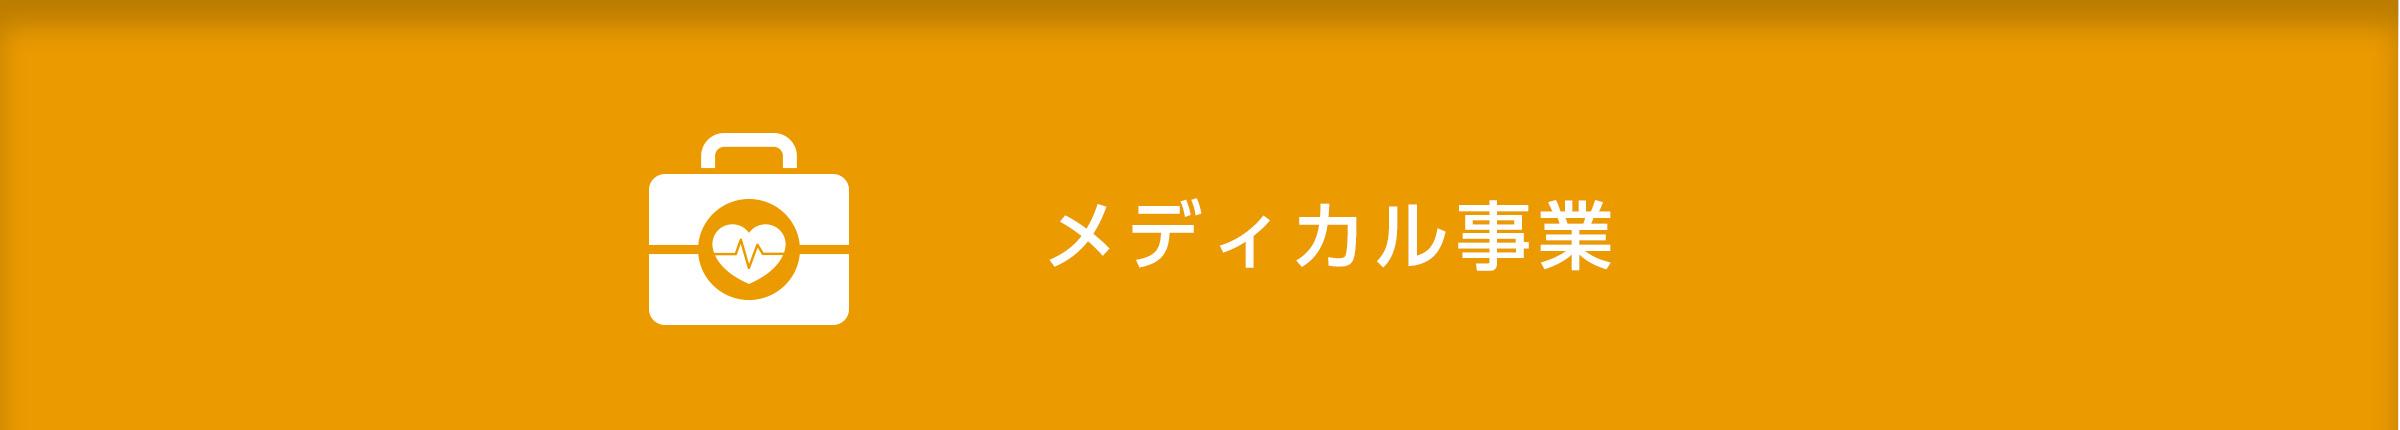 日清オイリオグループ株式会社 2019年度 新卒採用